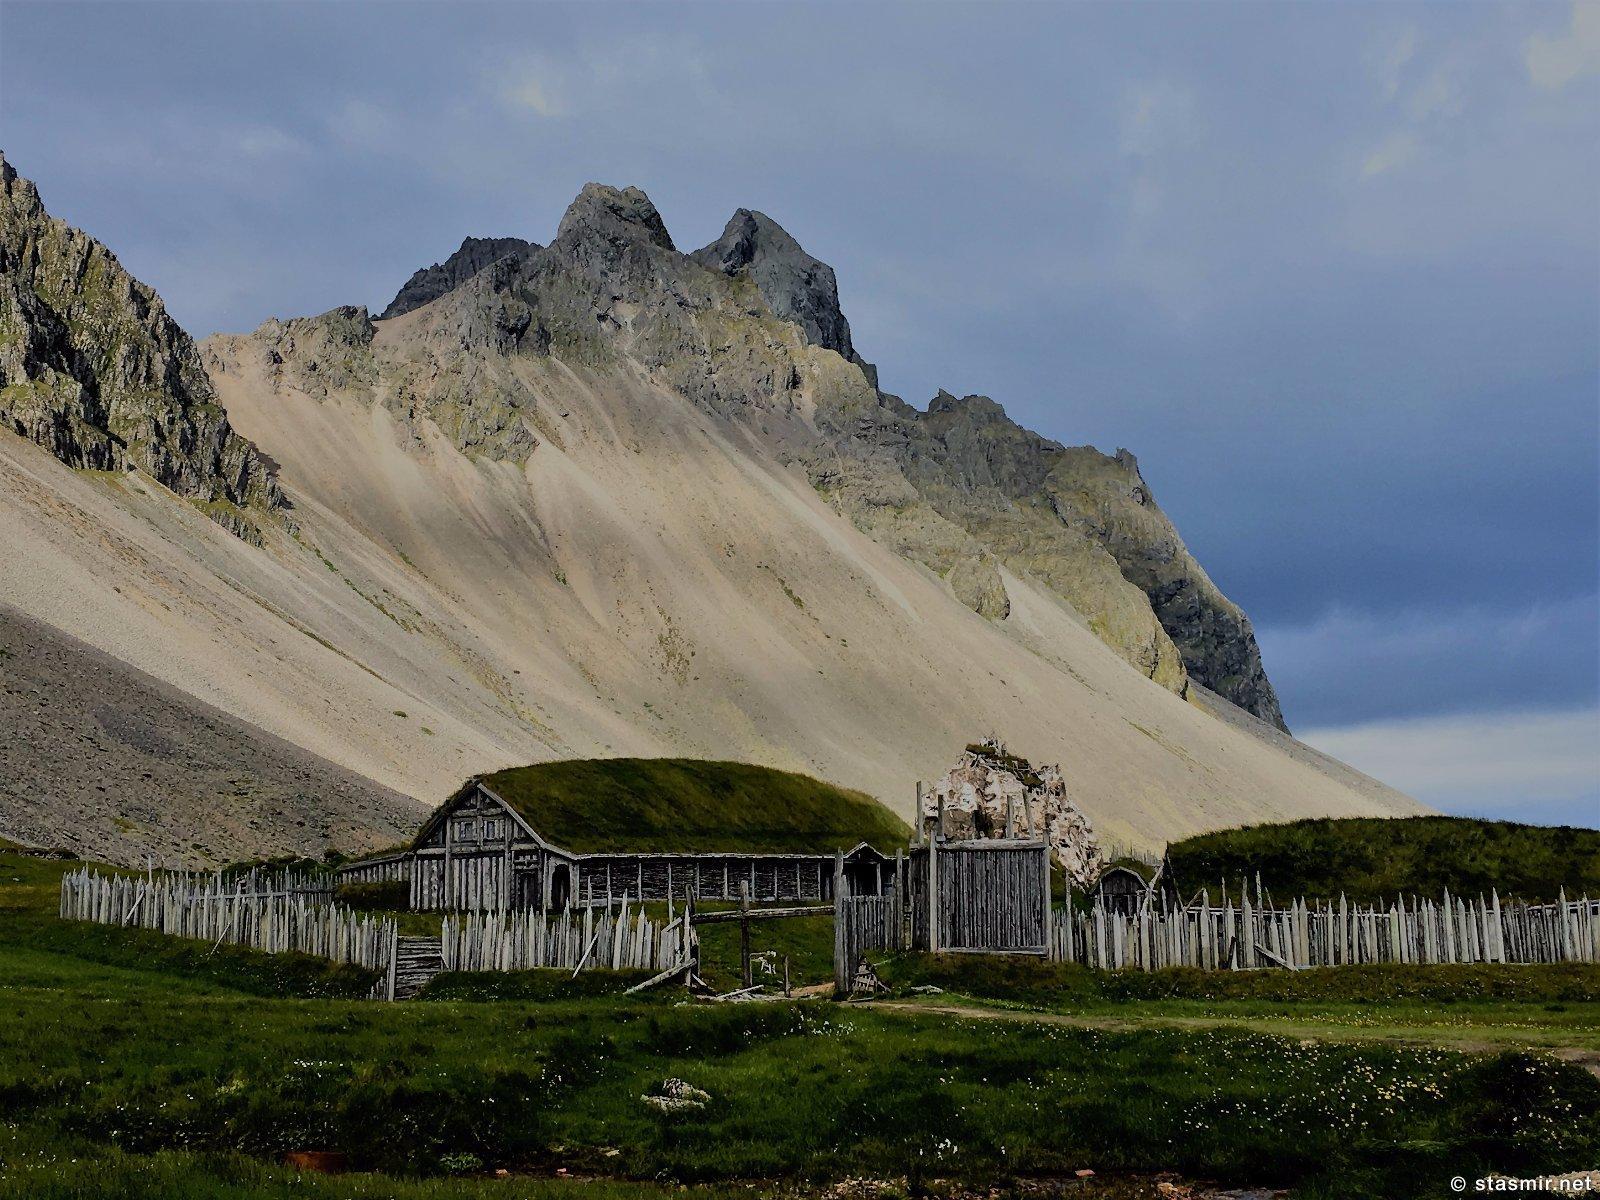 голливудская деревня викингов в Исландии, фото Стасмир, photo Stasmir, площадка съемки фильма про викингов в Исландии, декорации деревни викингов в Исландии